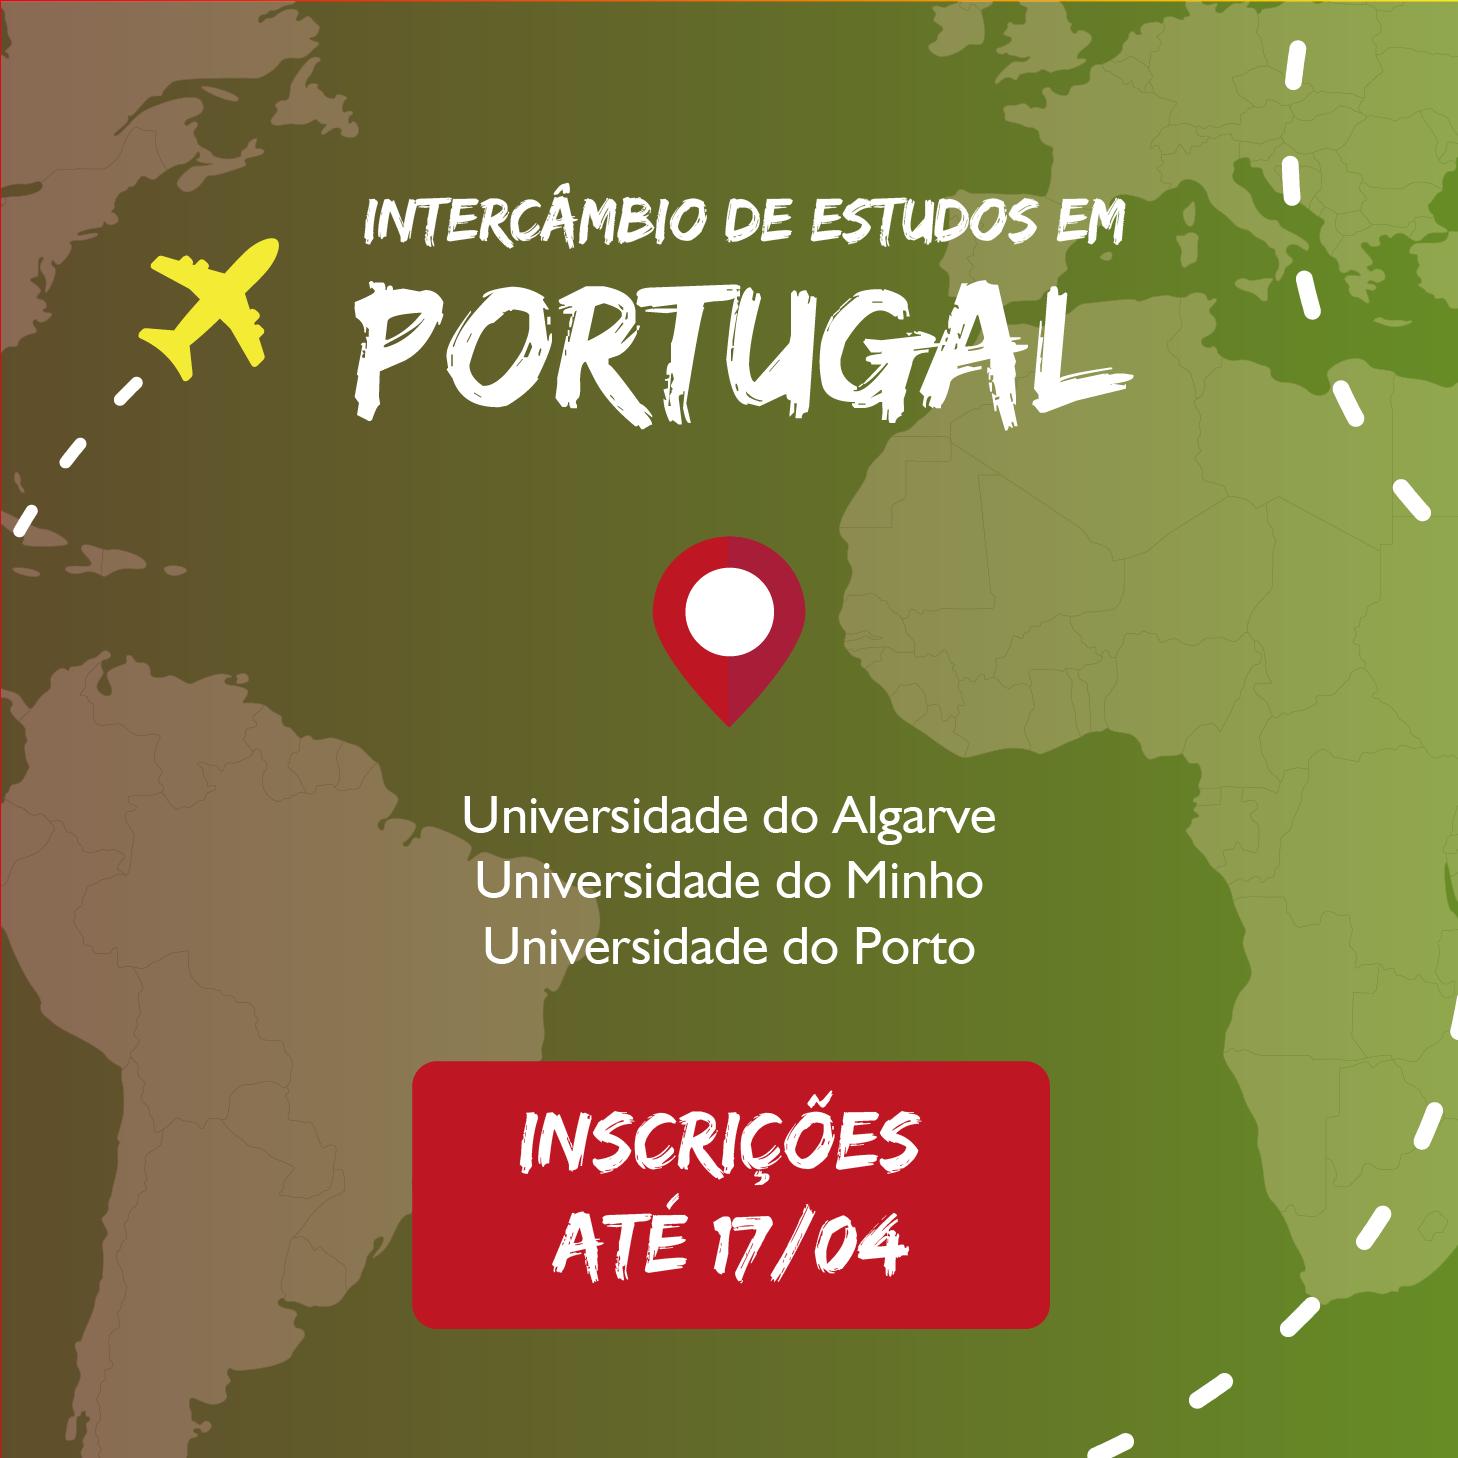 Inscrições abertas para intercâmbio em Portugal